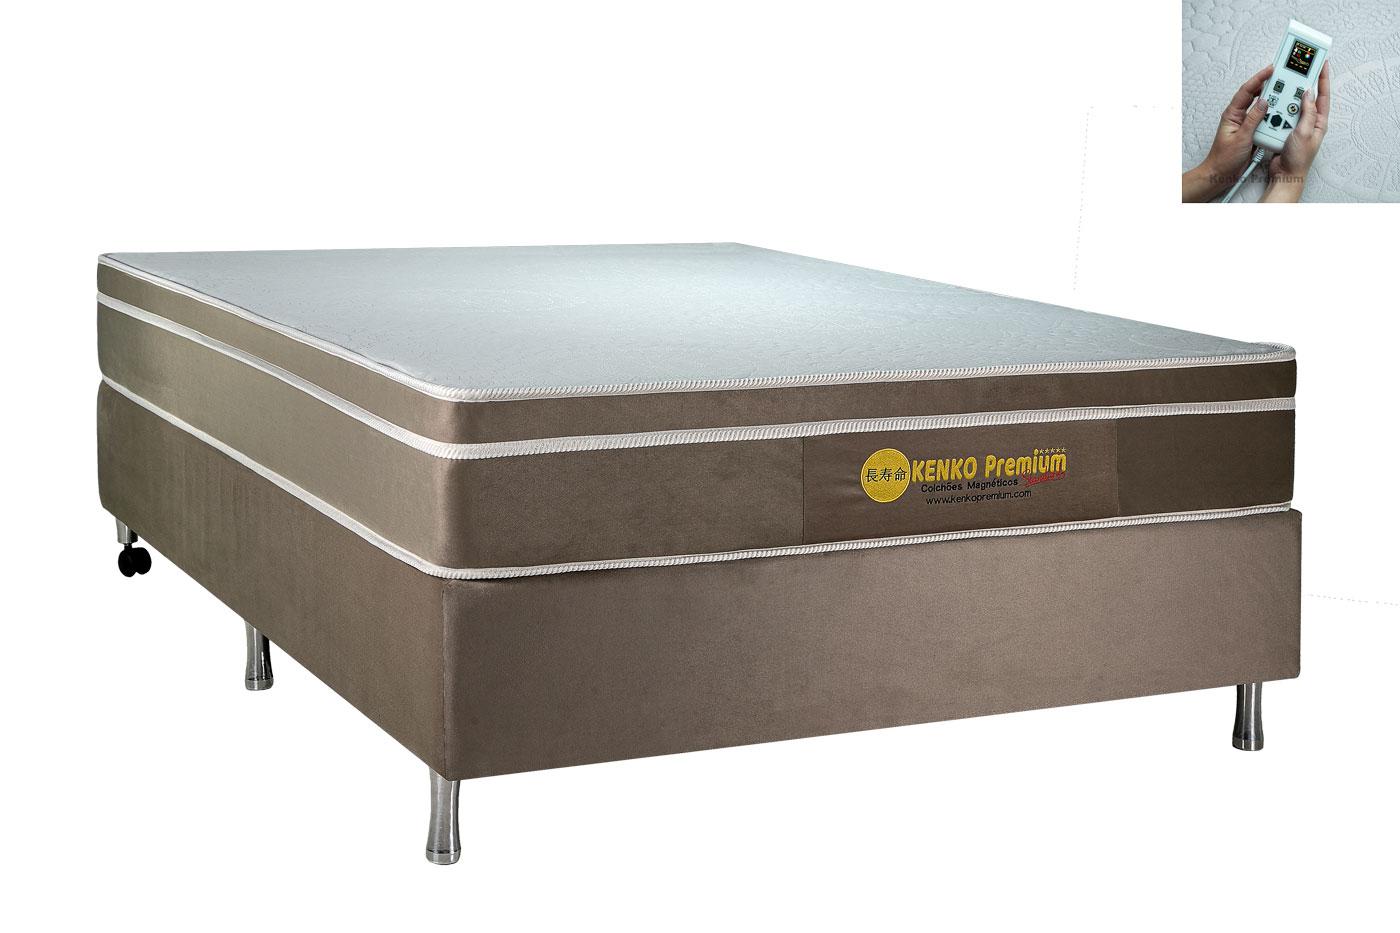 Colchão Magnético King Size Kenko Premium Standart C/ Massagem Eletrônica Energia Bioquãntica 1,93x2,03x25cm  - Kenko Premium Colchões